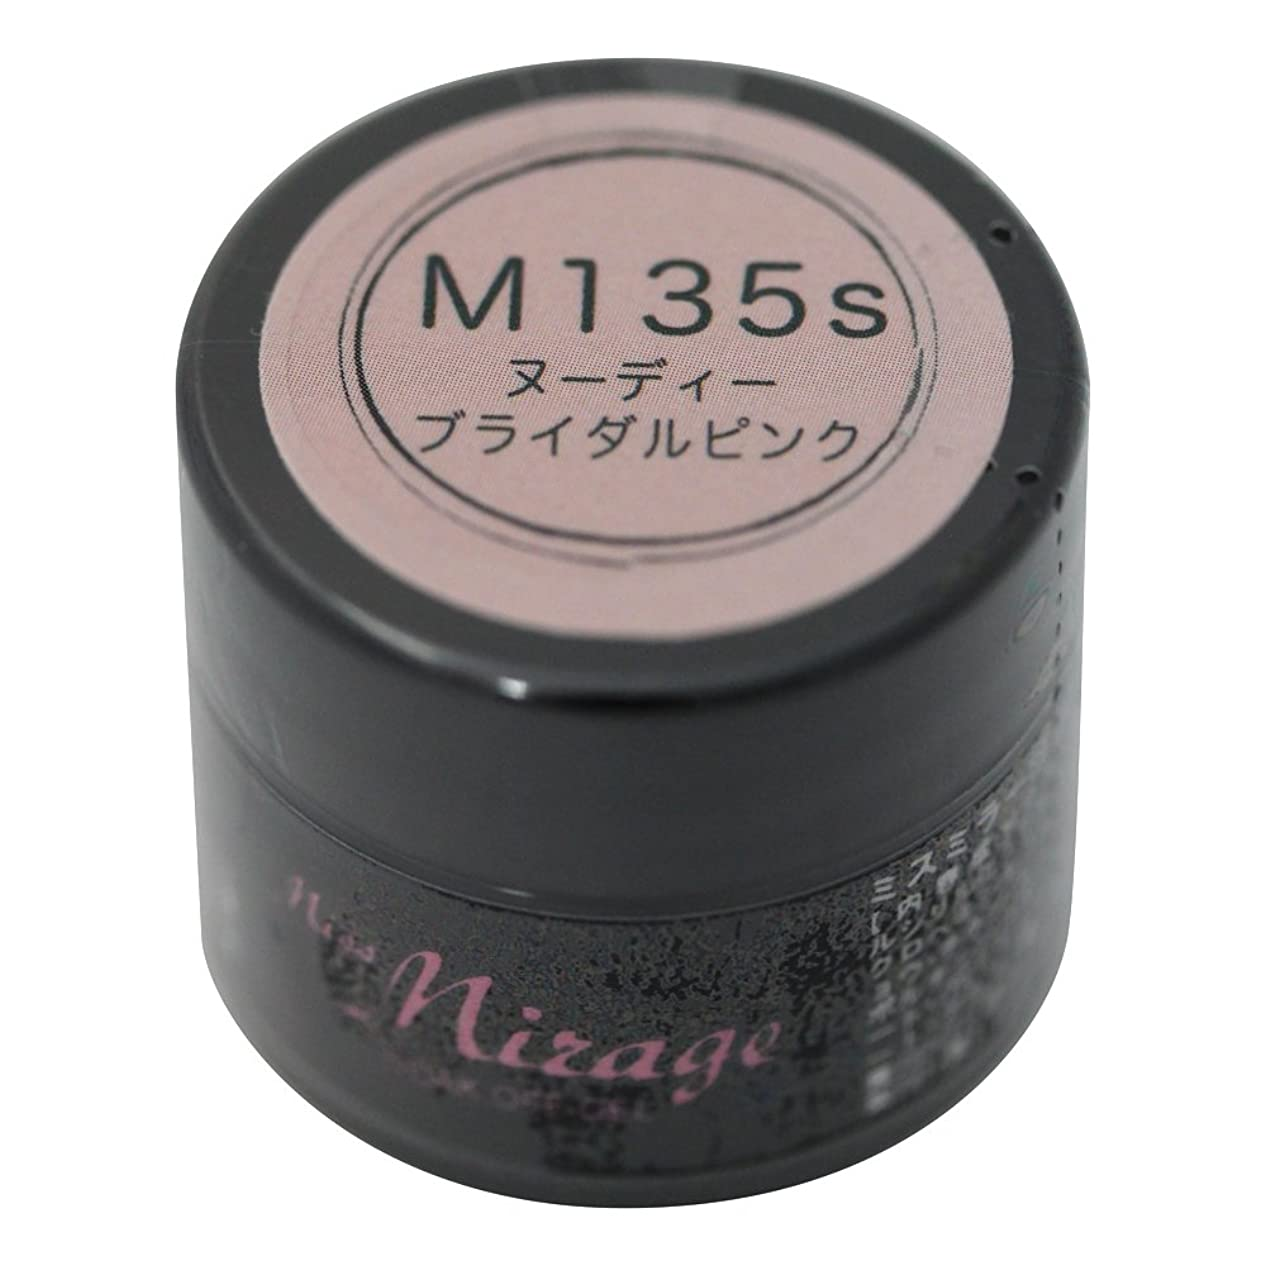 日曜日慢新聞Miss Mirage M135S ヌーディーブライダルピンク 2.5g UV/LED対応タイオウ